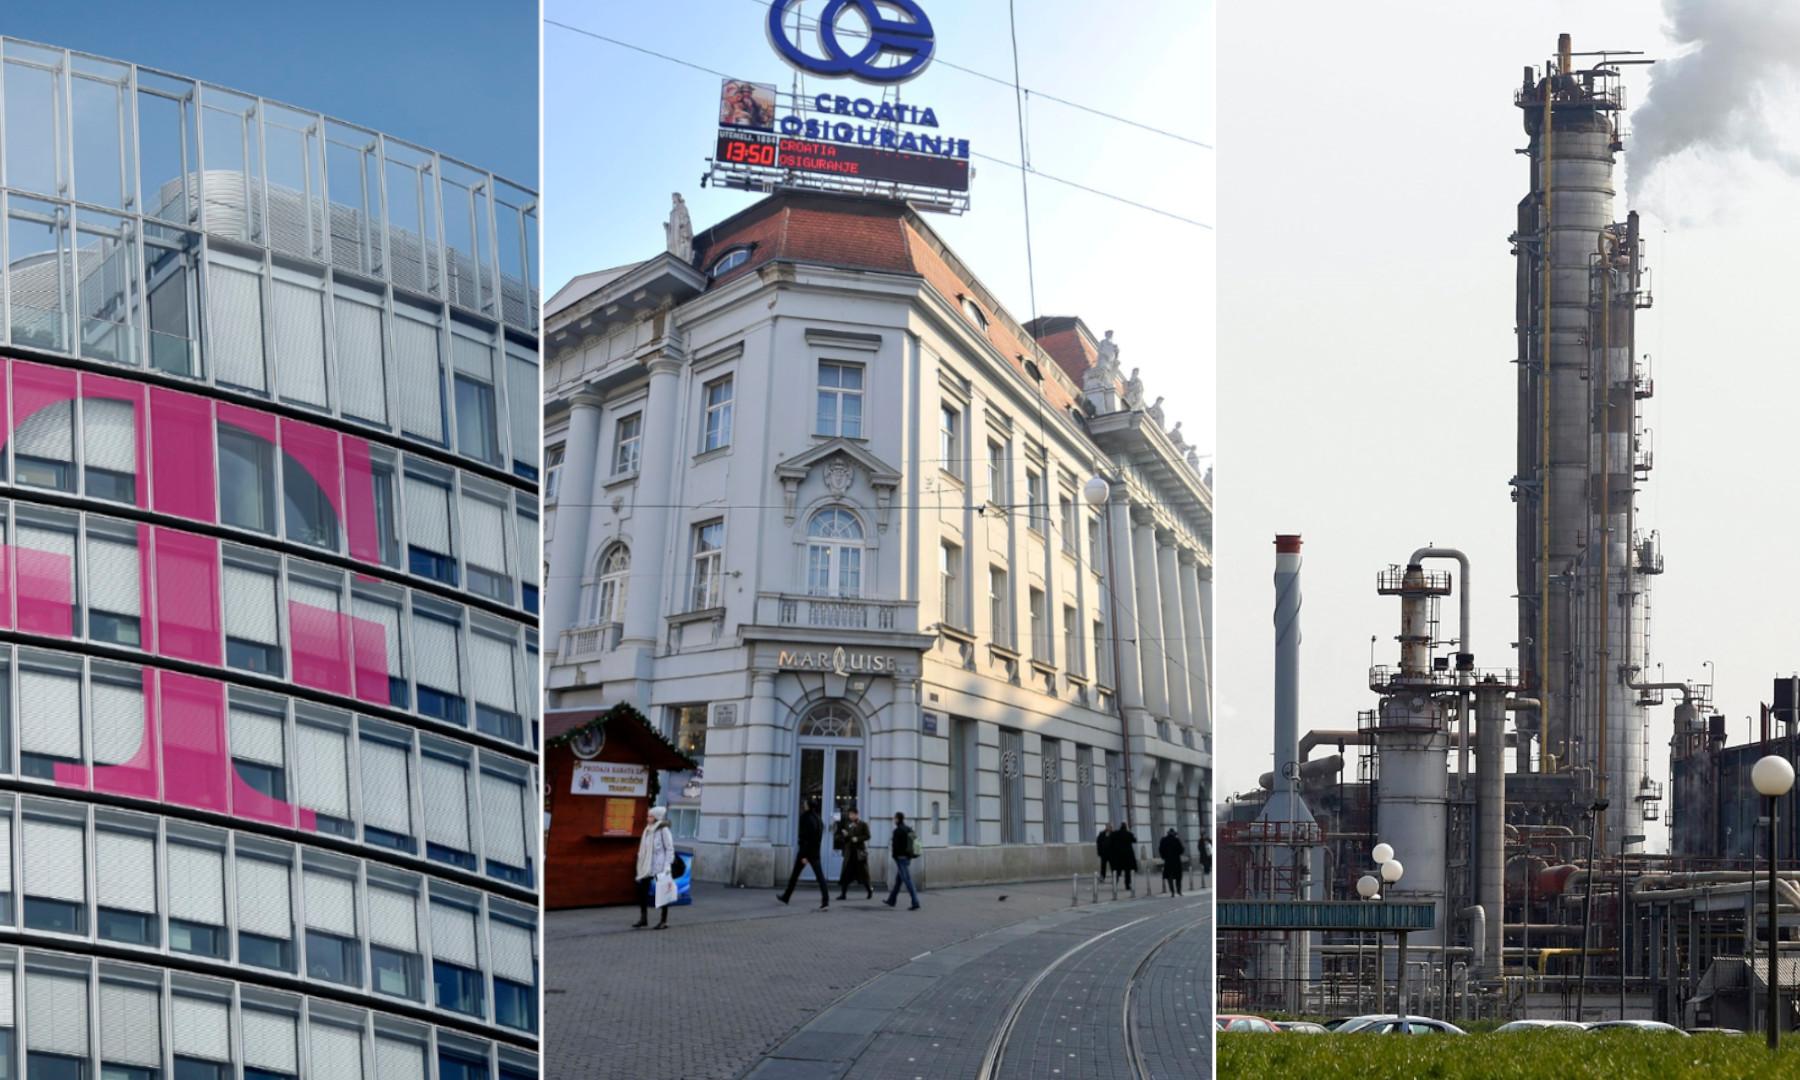 Zgrada Hrvatskog Telekoma/ Zgrada Croatia osiguranja/ Petrokemija